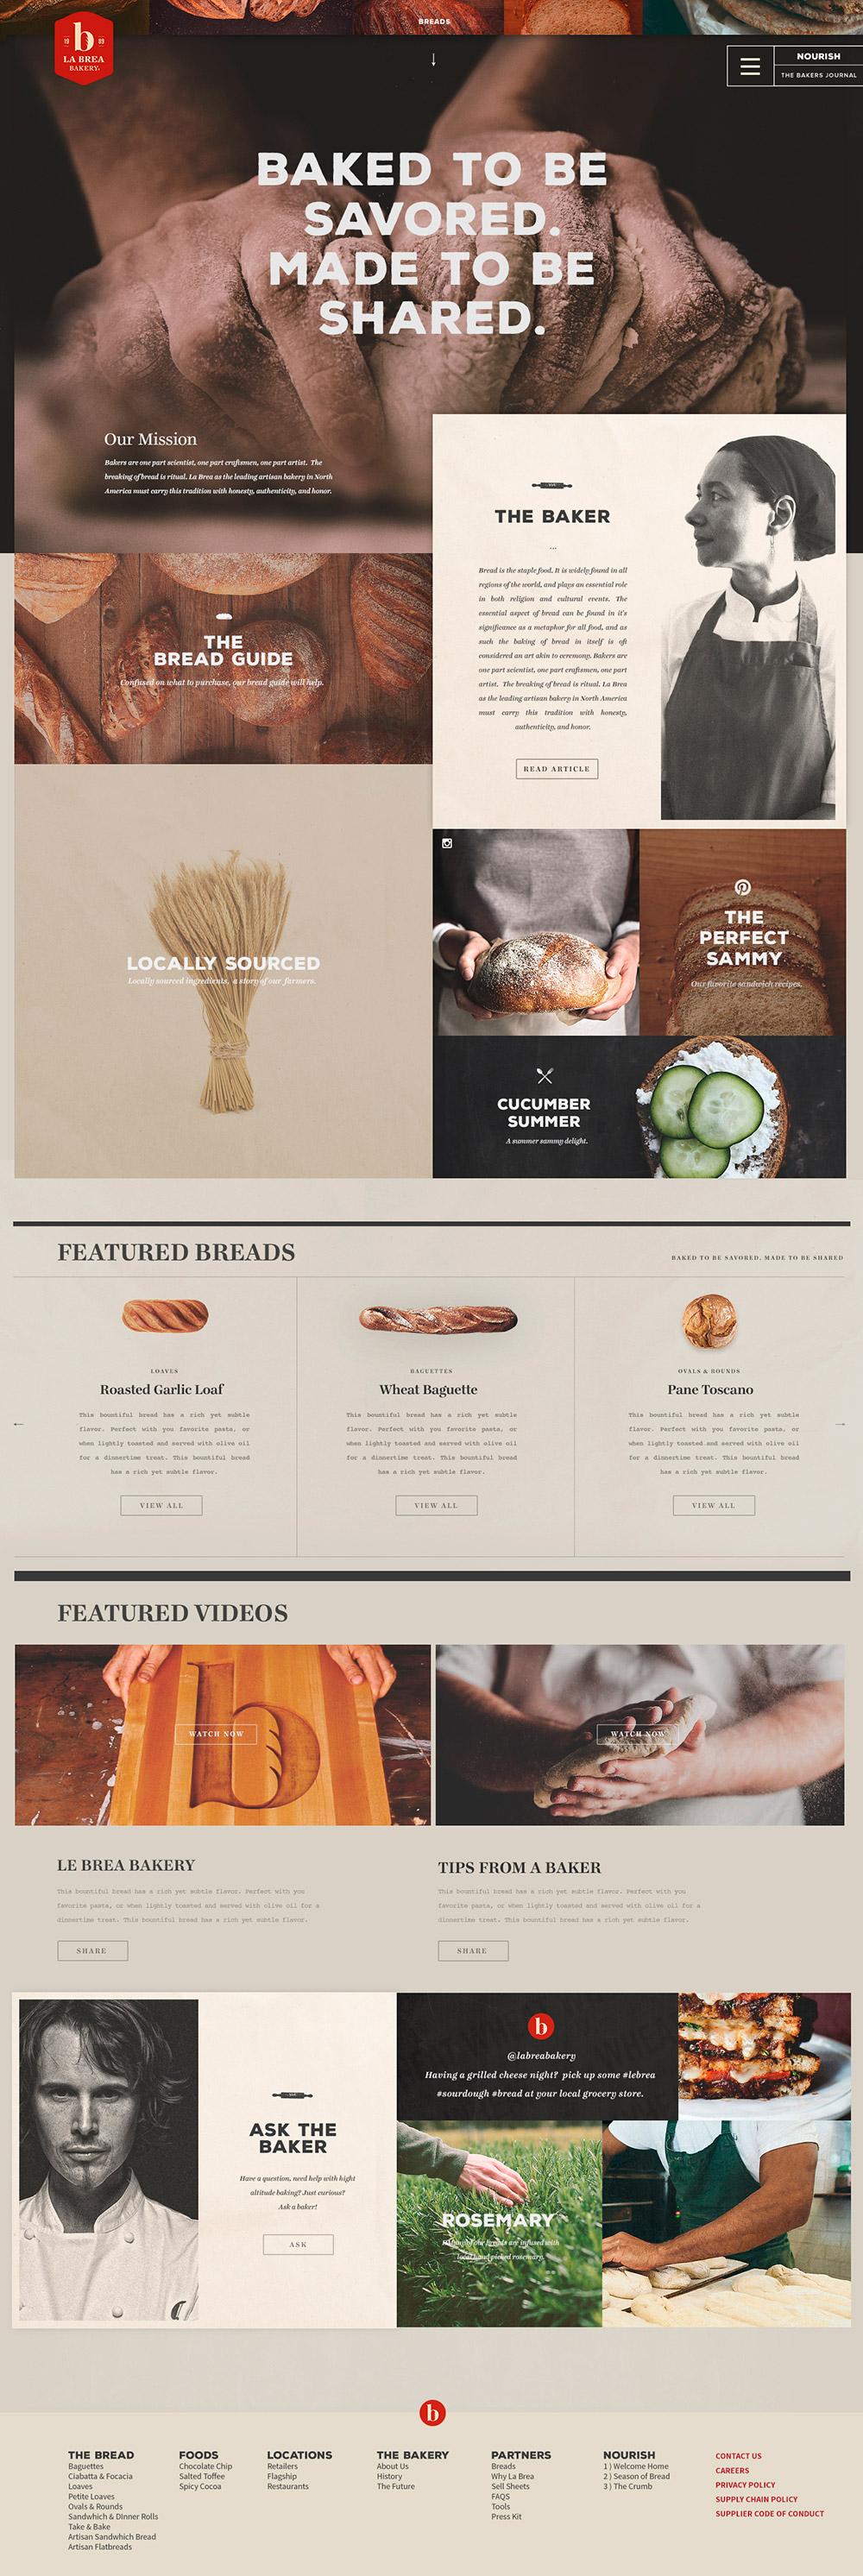 Bread Comp by Nick Franchi - Los websites de la semana 4# 02/2016